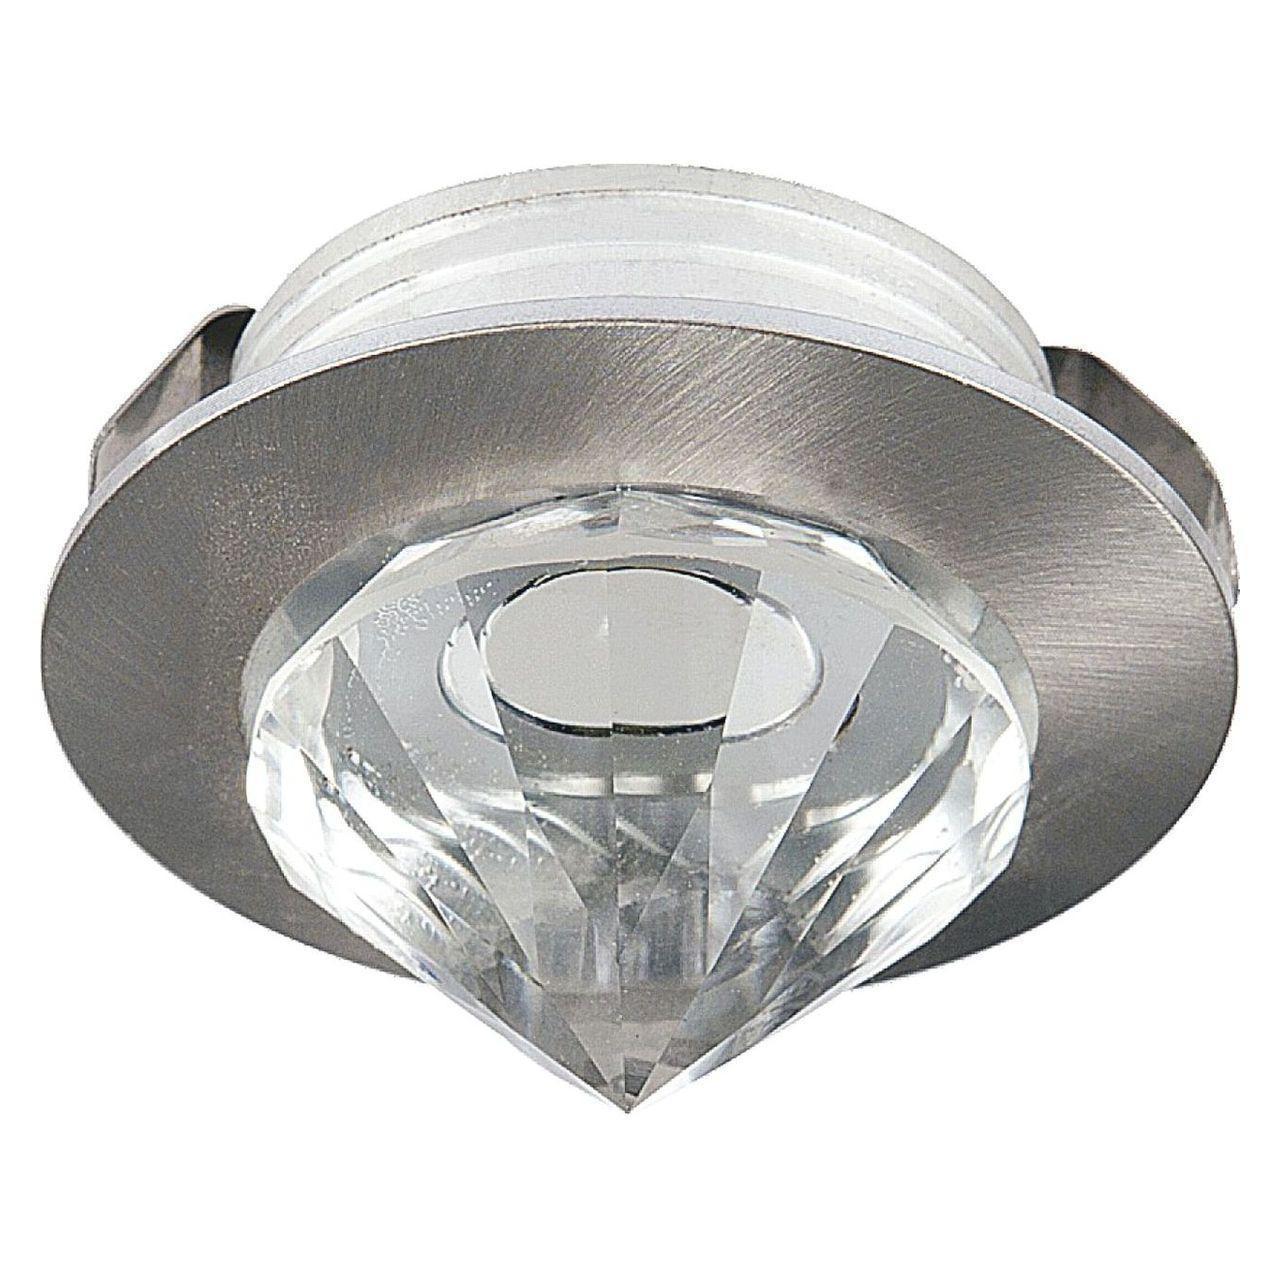 Встраиваемый светодиодный светильник Horoz Nadia 1W 6400К матовый хром 016-027-0001 встраиваемый светодиодный светильник horoz nadia 1w 6400к матовый хром 016 027 0001